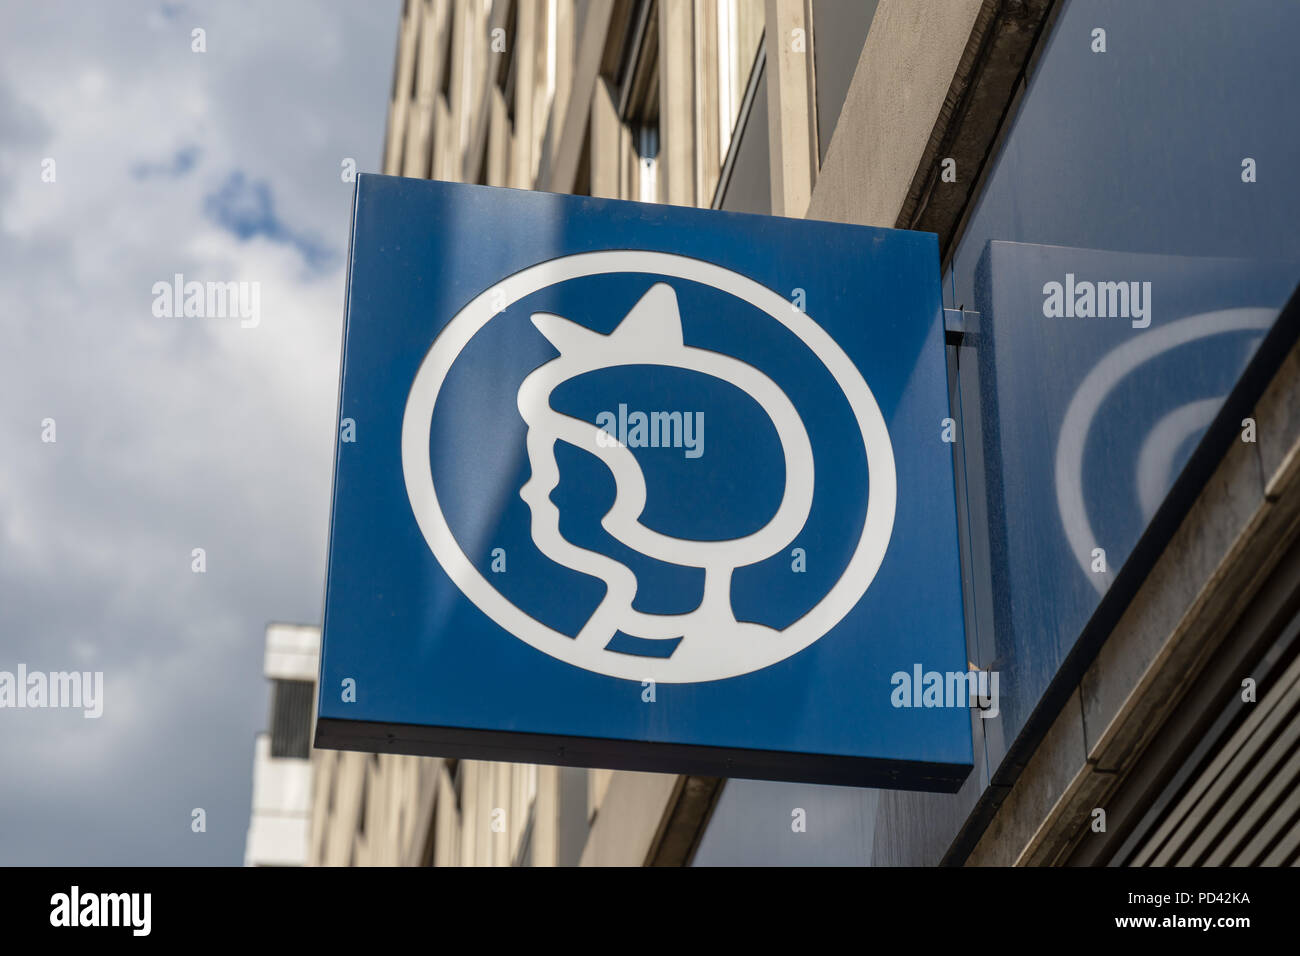 """Irmapigen (die """"Irma Mädchen'), Irma, die Dänische Supermarktkette, Zeichen auf der Fassade; Kopenhagen, Dänemark Stockbild"""